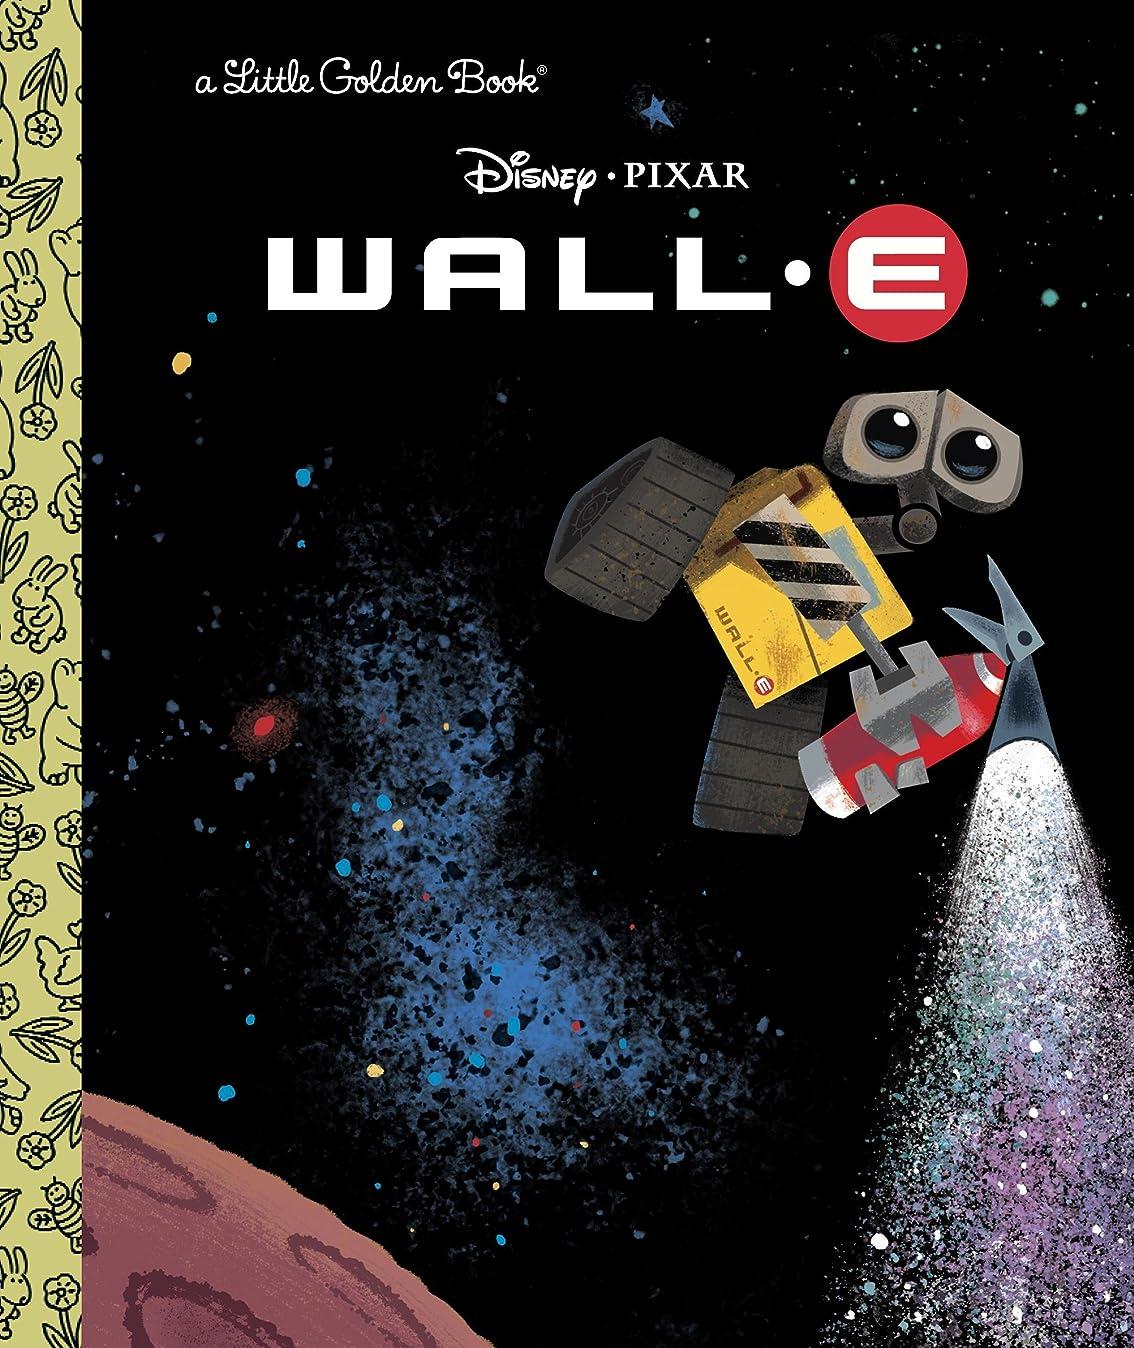 取り替えるデザイナー提案するWALL-E (Disney/Pixar WALL-E) (Little Golden Book) (English Edition)